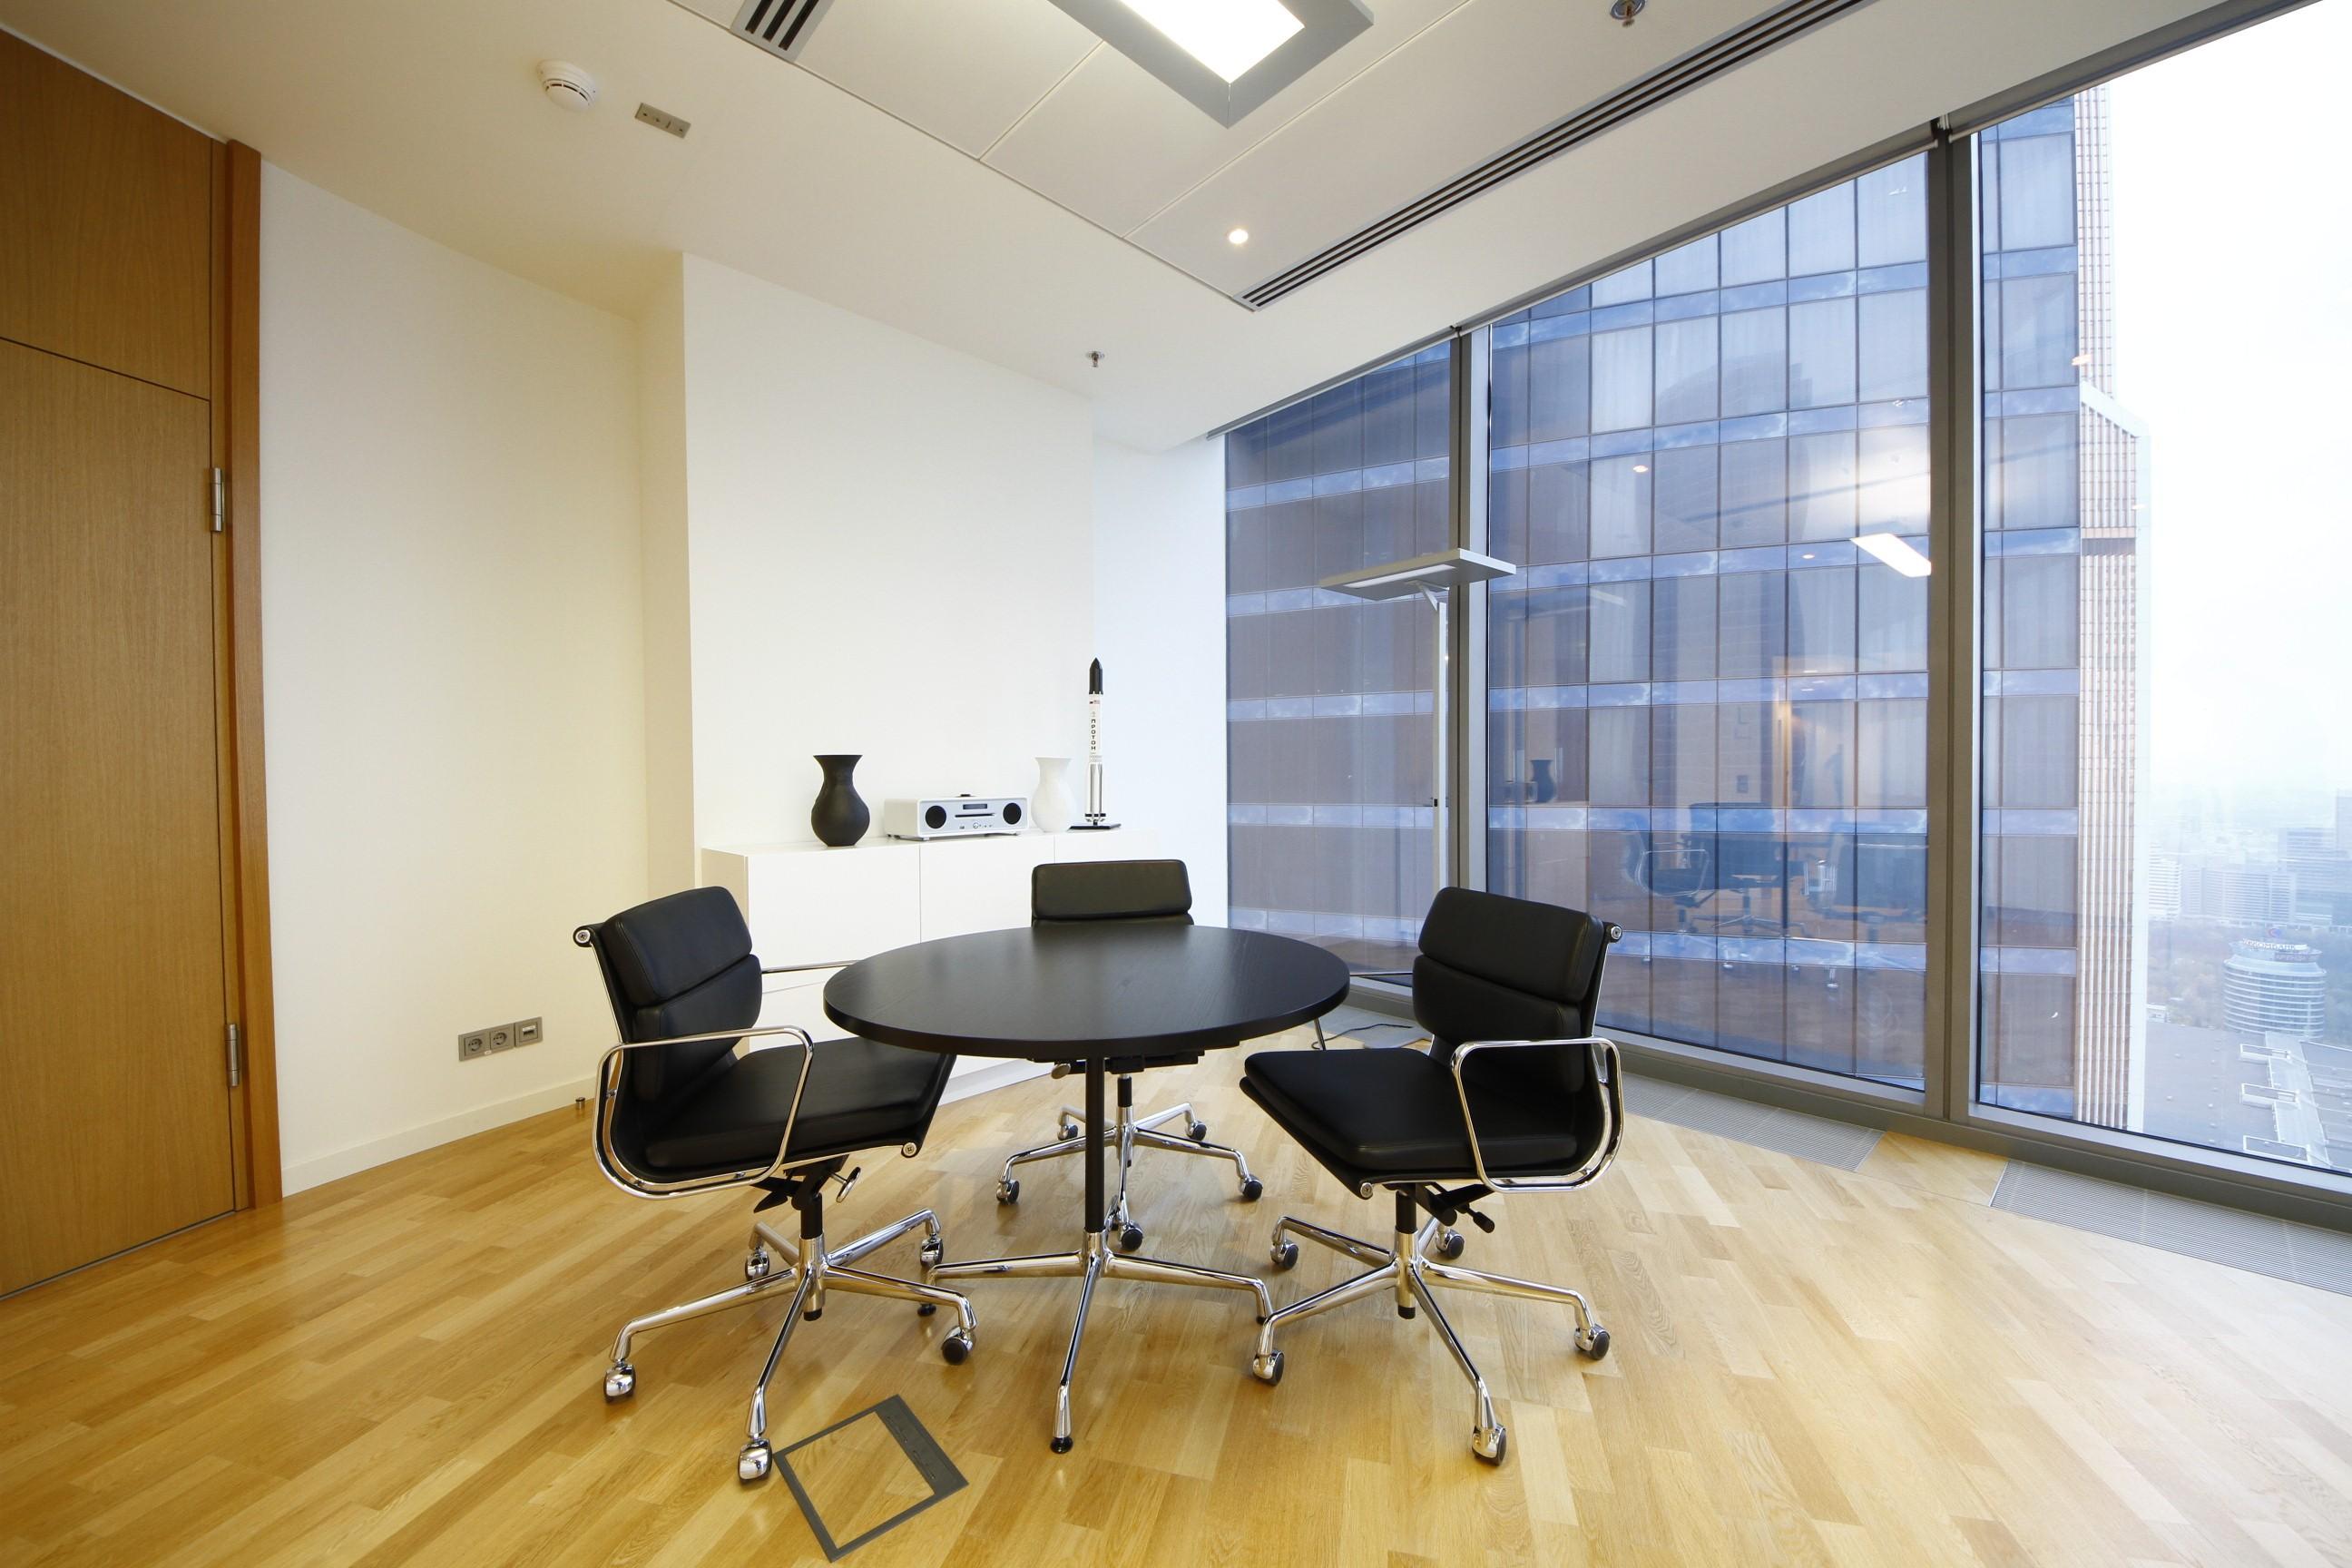 Аренда офиса москва сити цены офисные помещения Подольских Курсантов улица